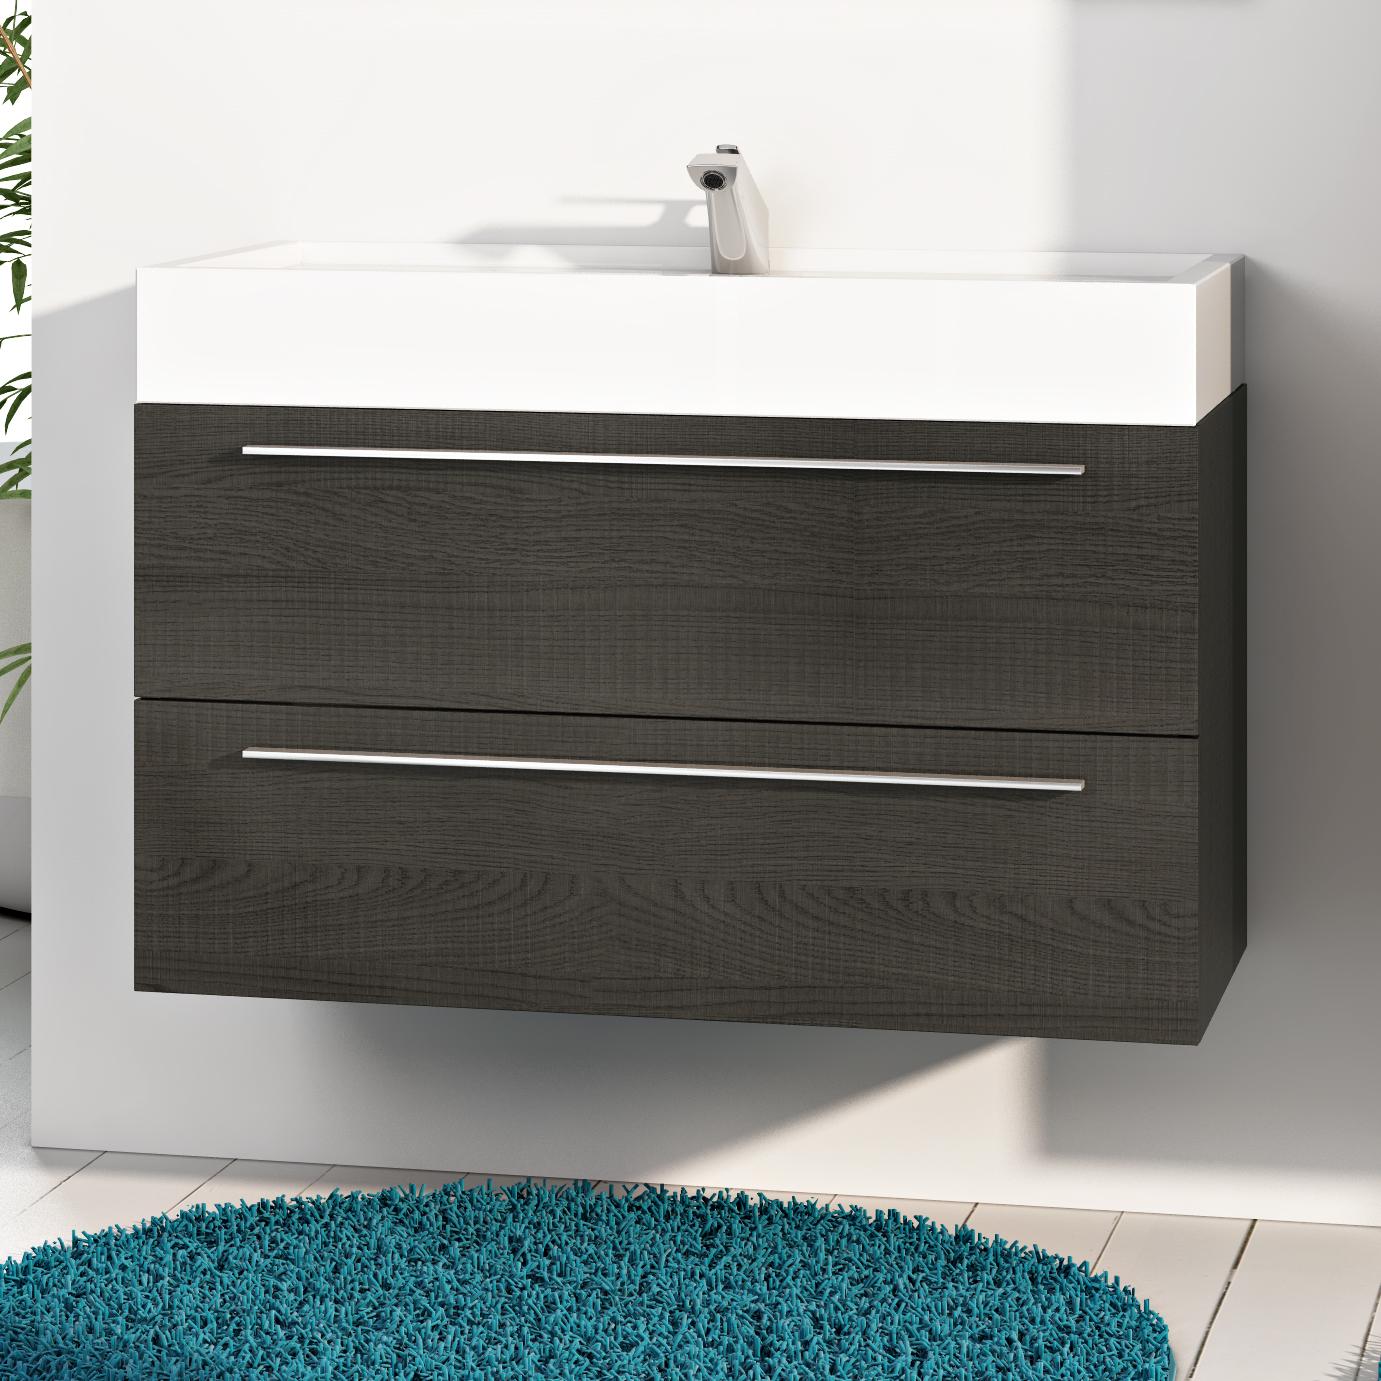 Base mobile da bagno sospeso arredo moderno design legno lavabo 4 colori 90 cm - Base mobile bagno ...